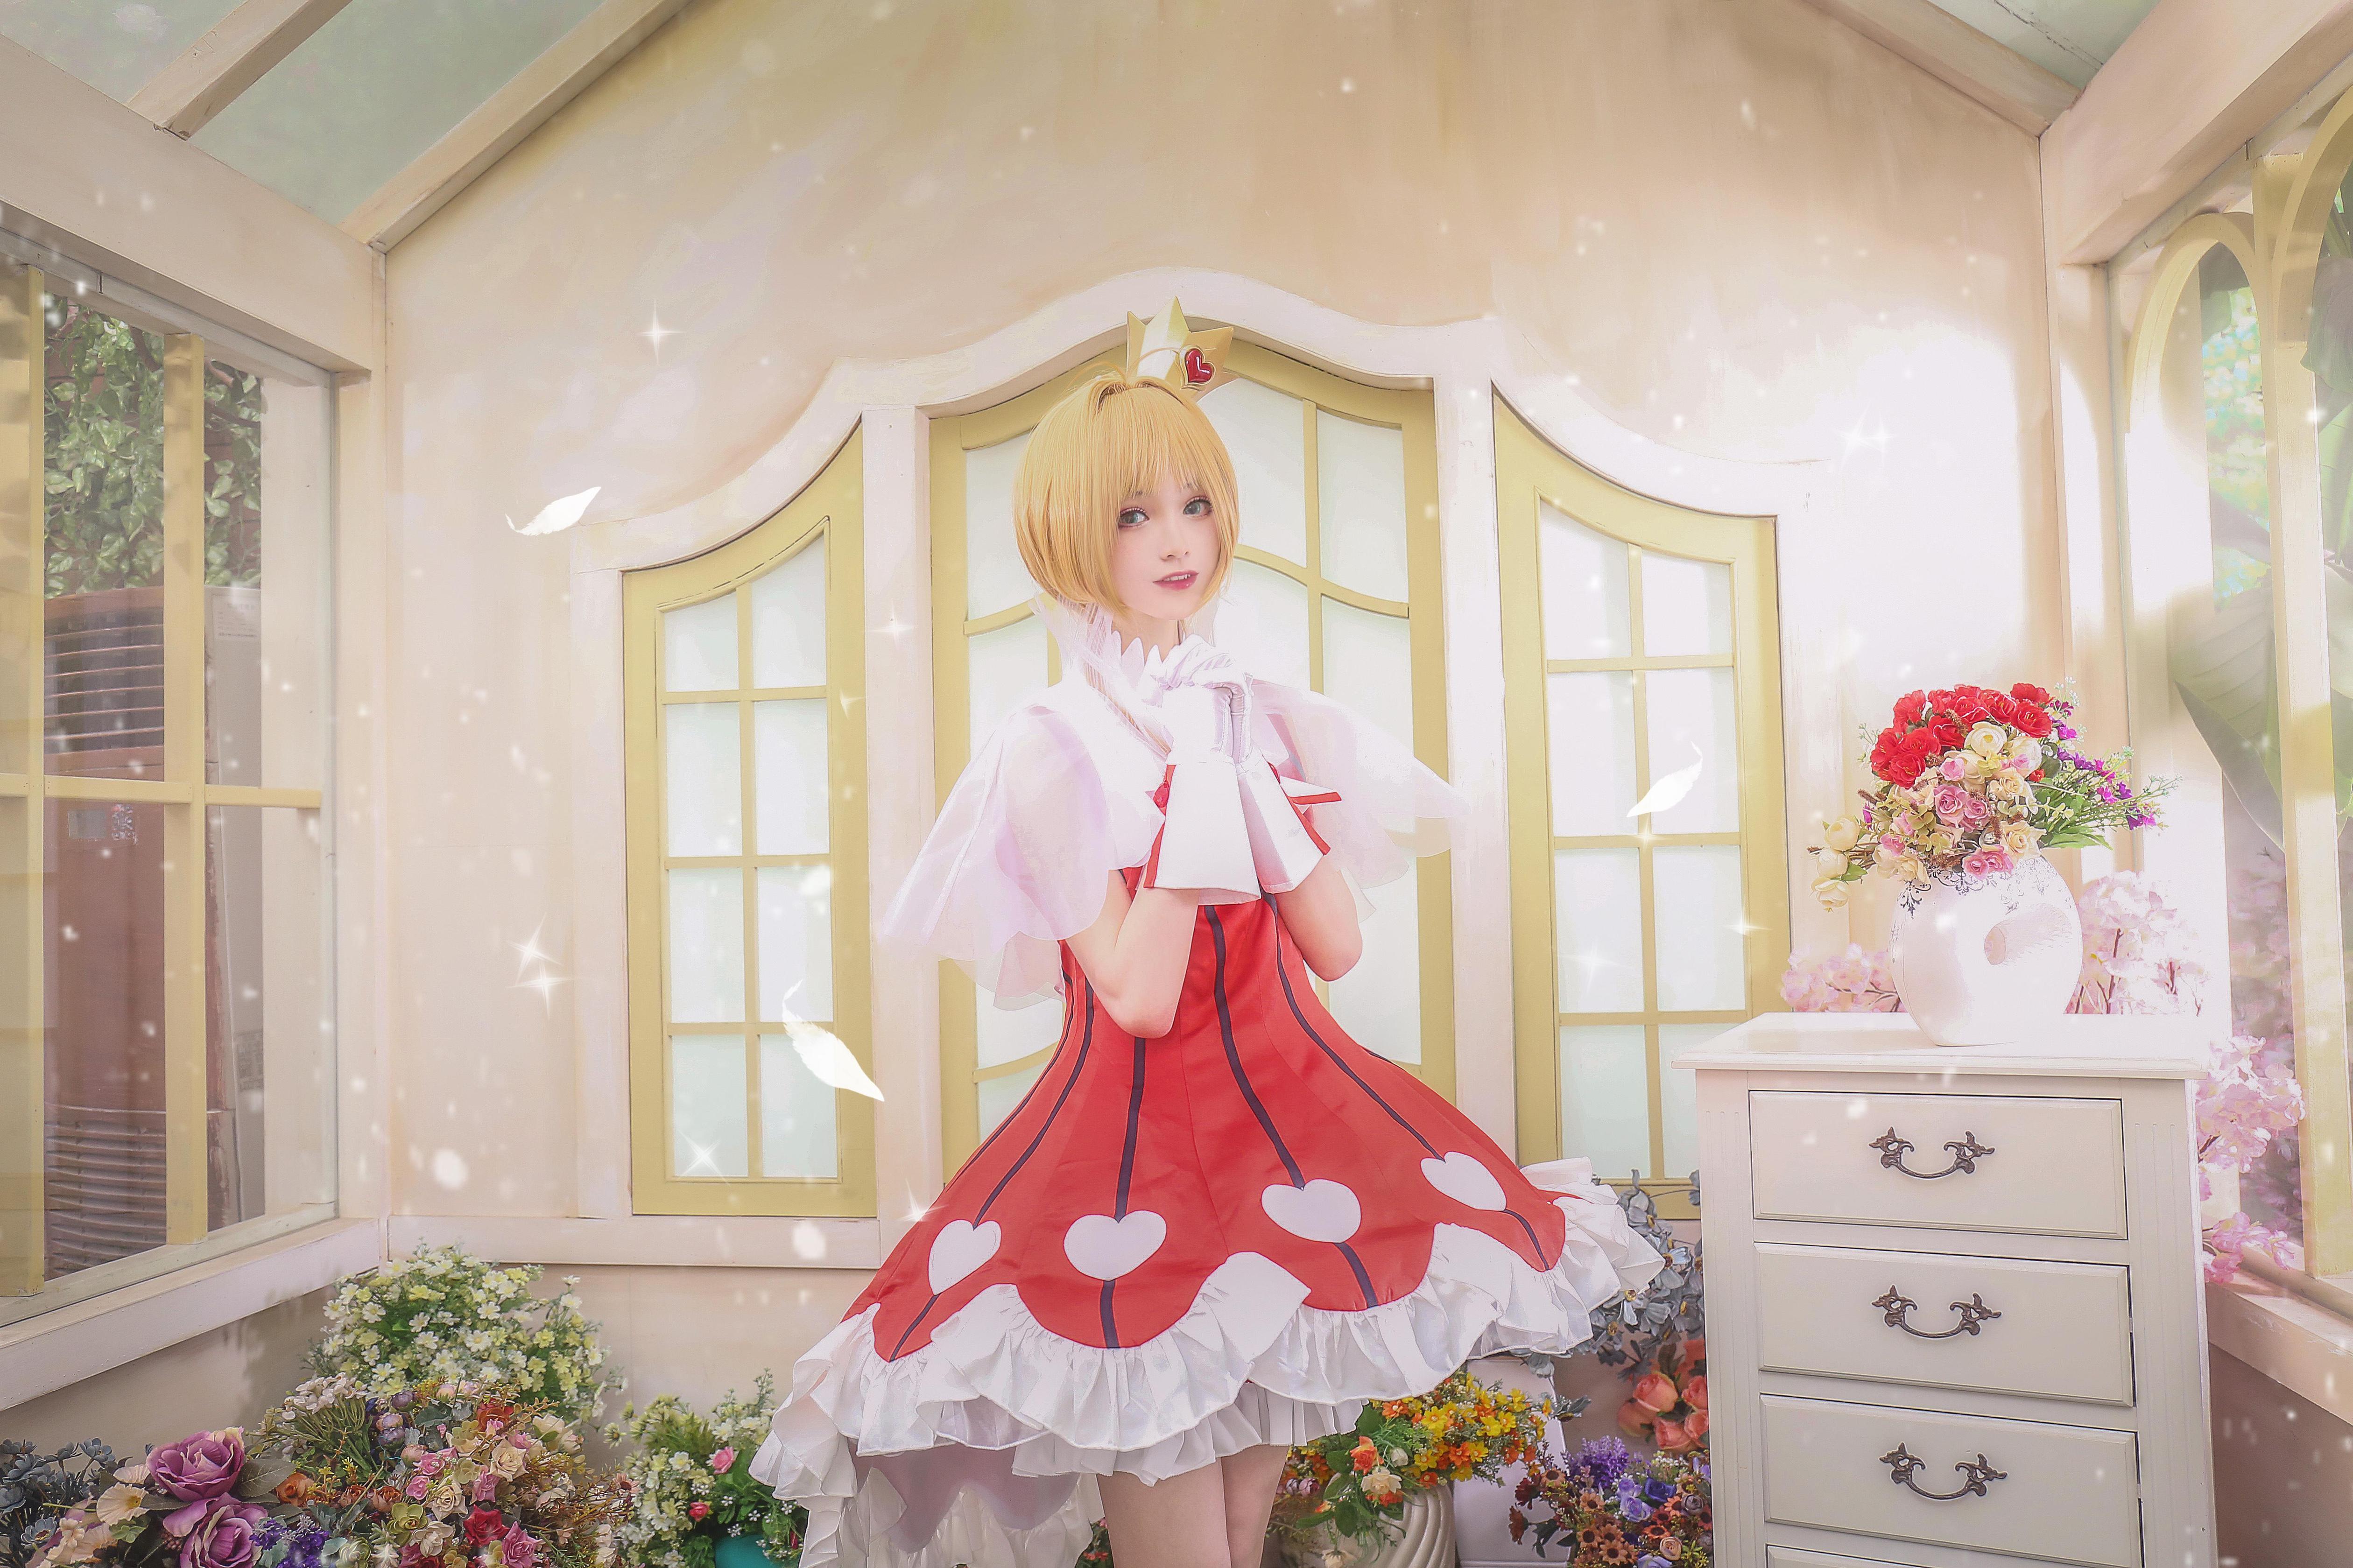 《魔卡少女樱》魔法少女小樱cosplay【CN:柳川萌_moe】-第3张